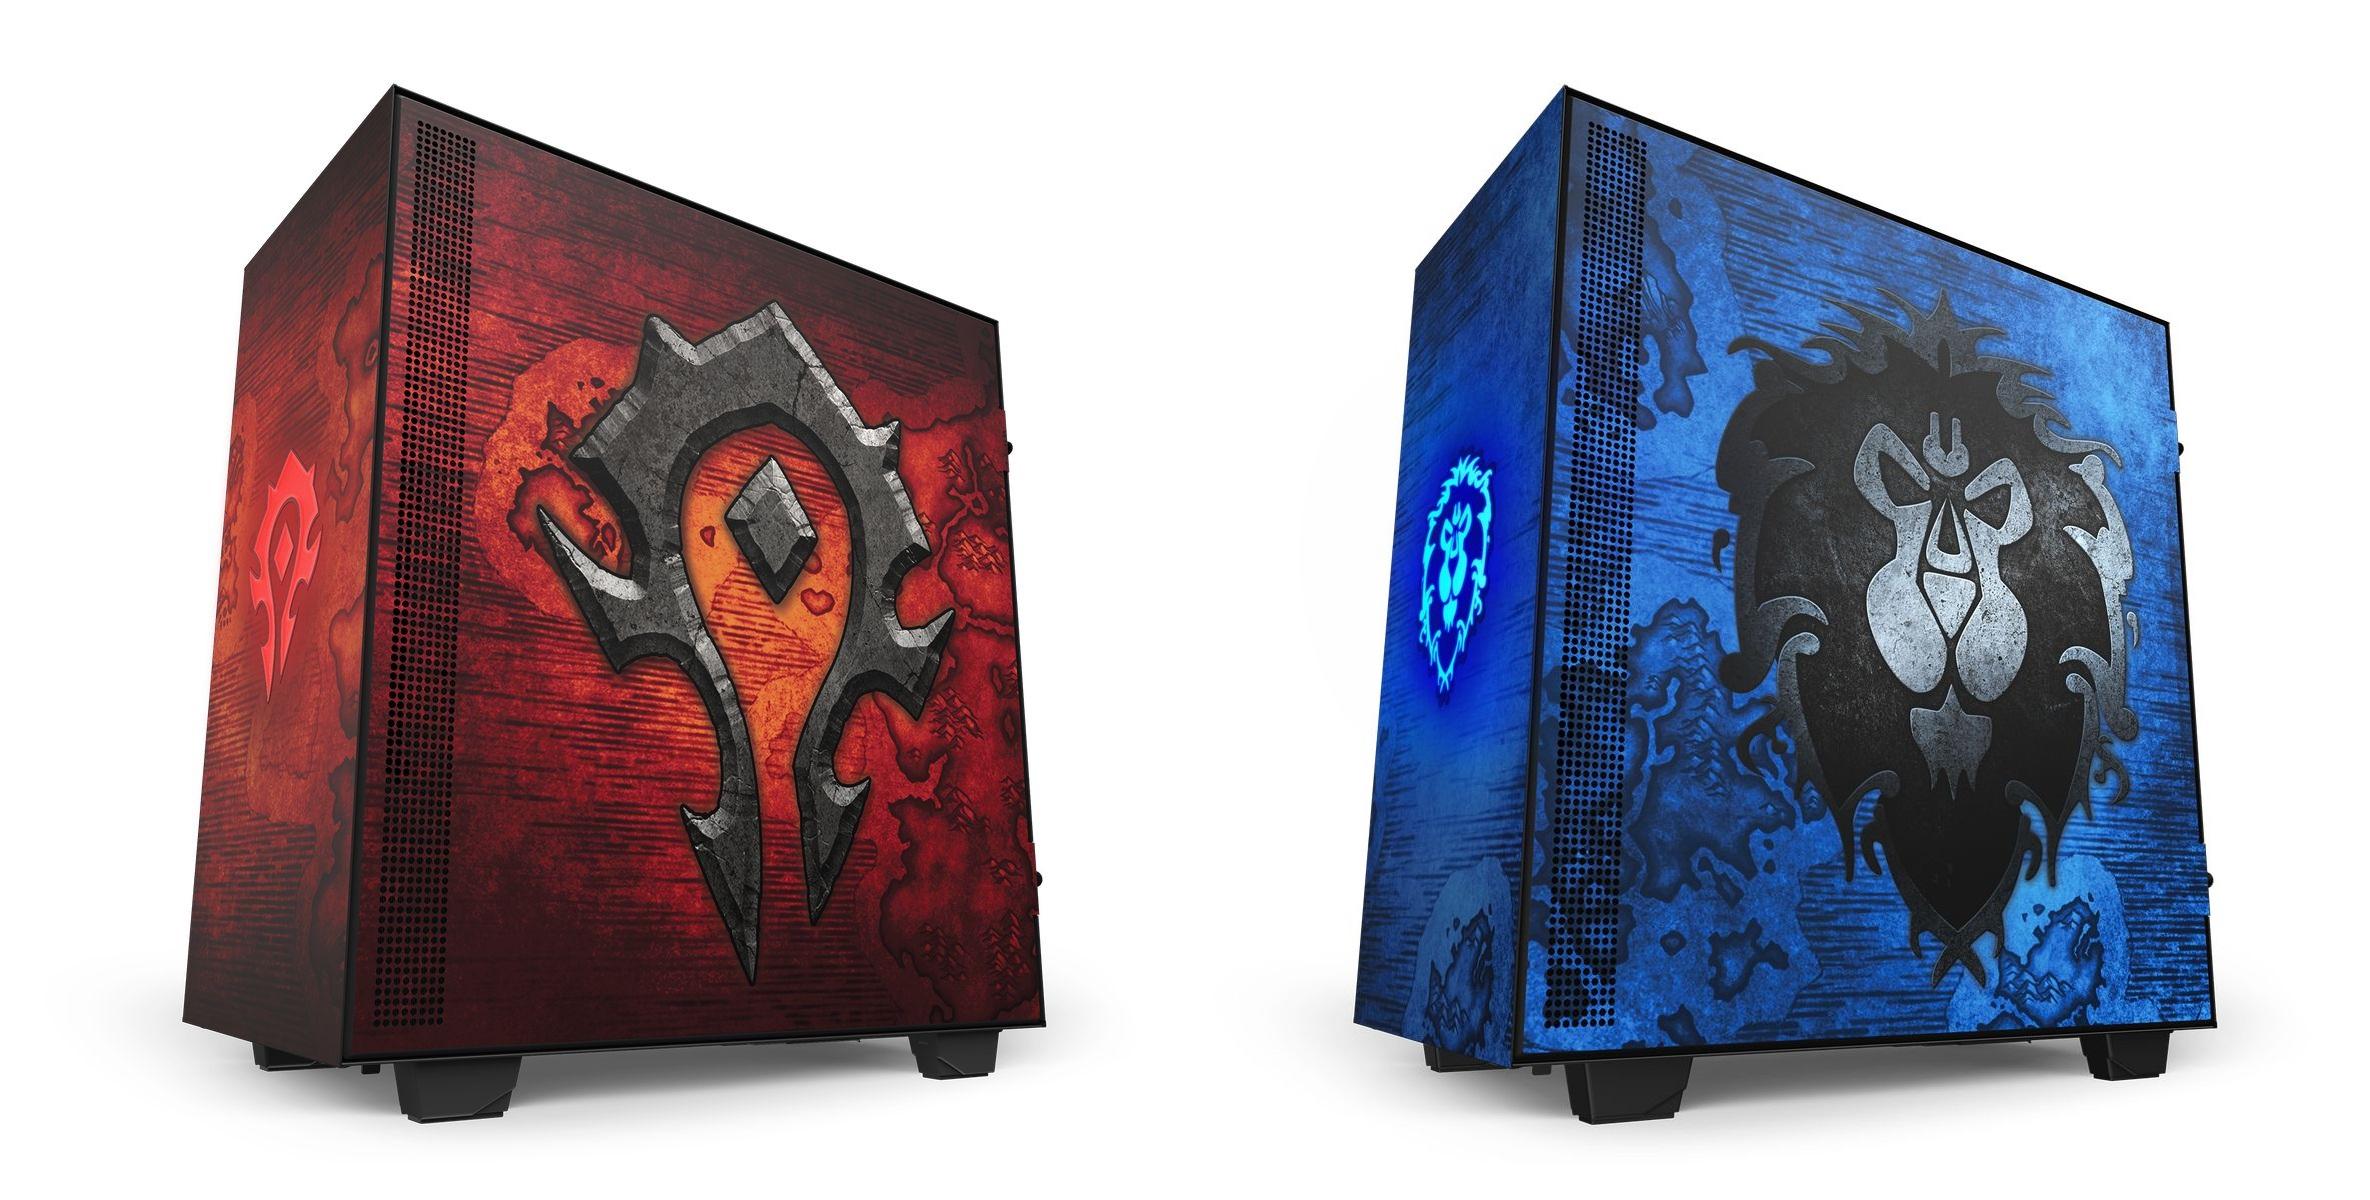 Prawdziwa gratka dla fanów World of Warcraft - do sprzedaży trafiły obudowy NZXT H510 w barwach Alliance oraz Hordy 28